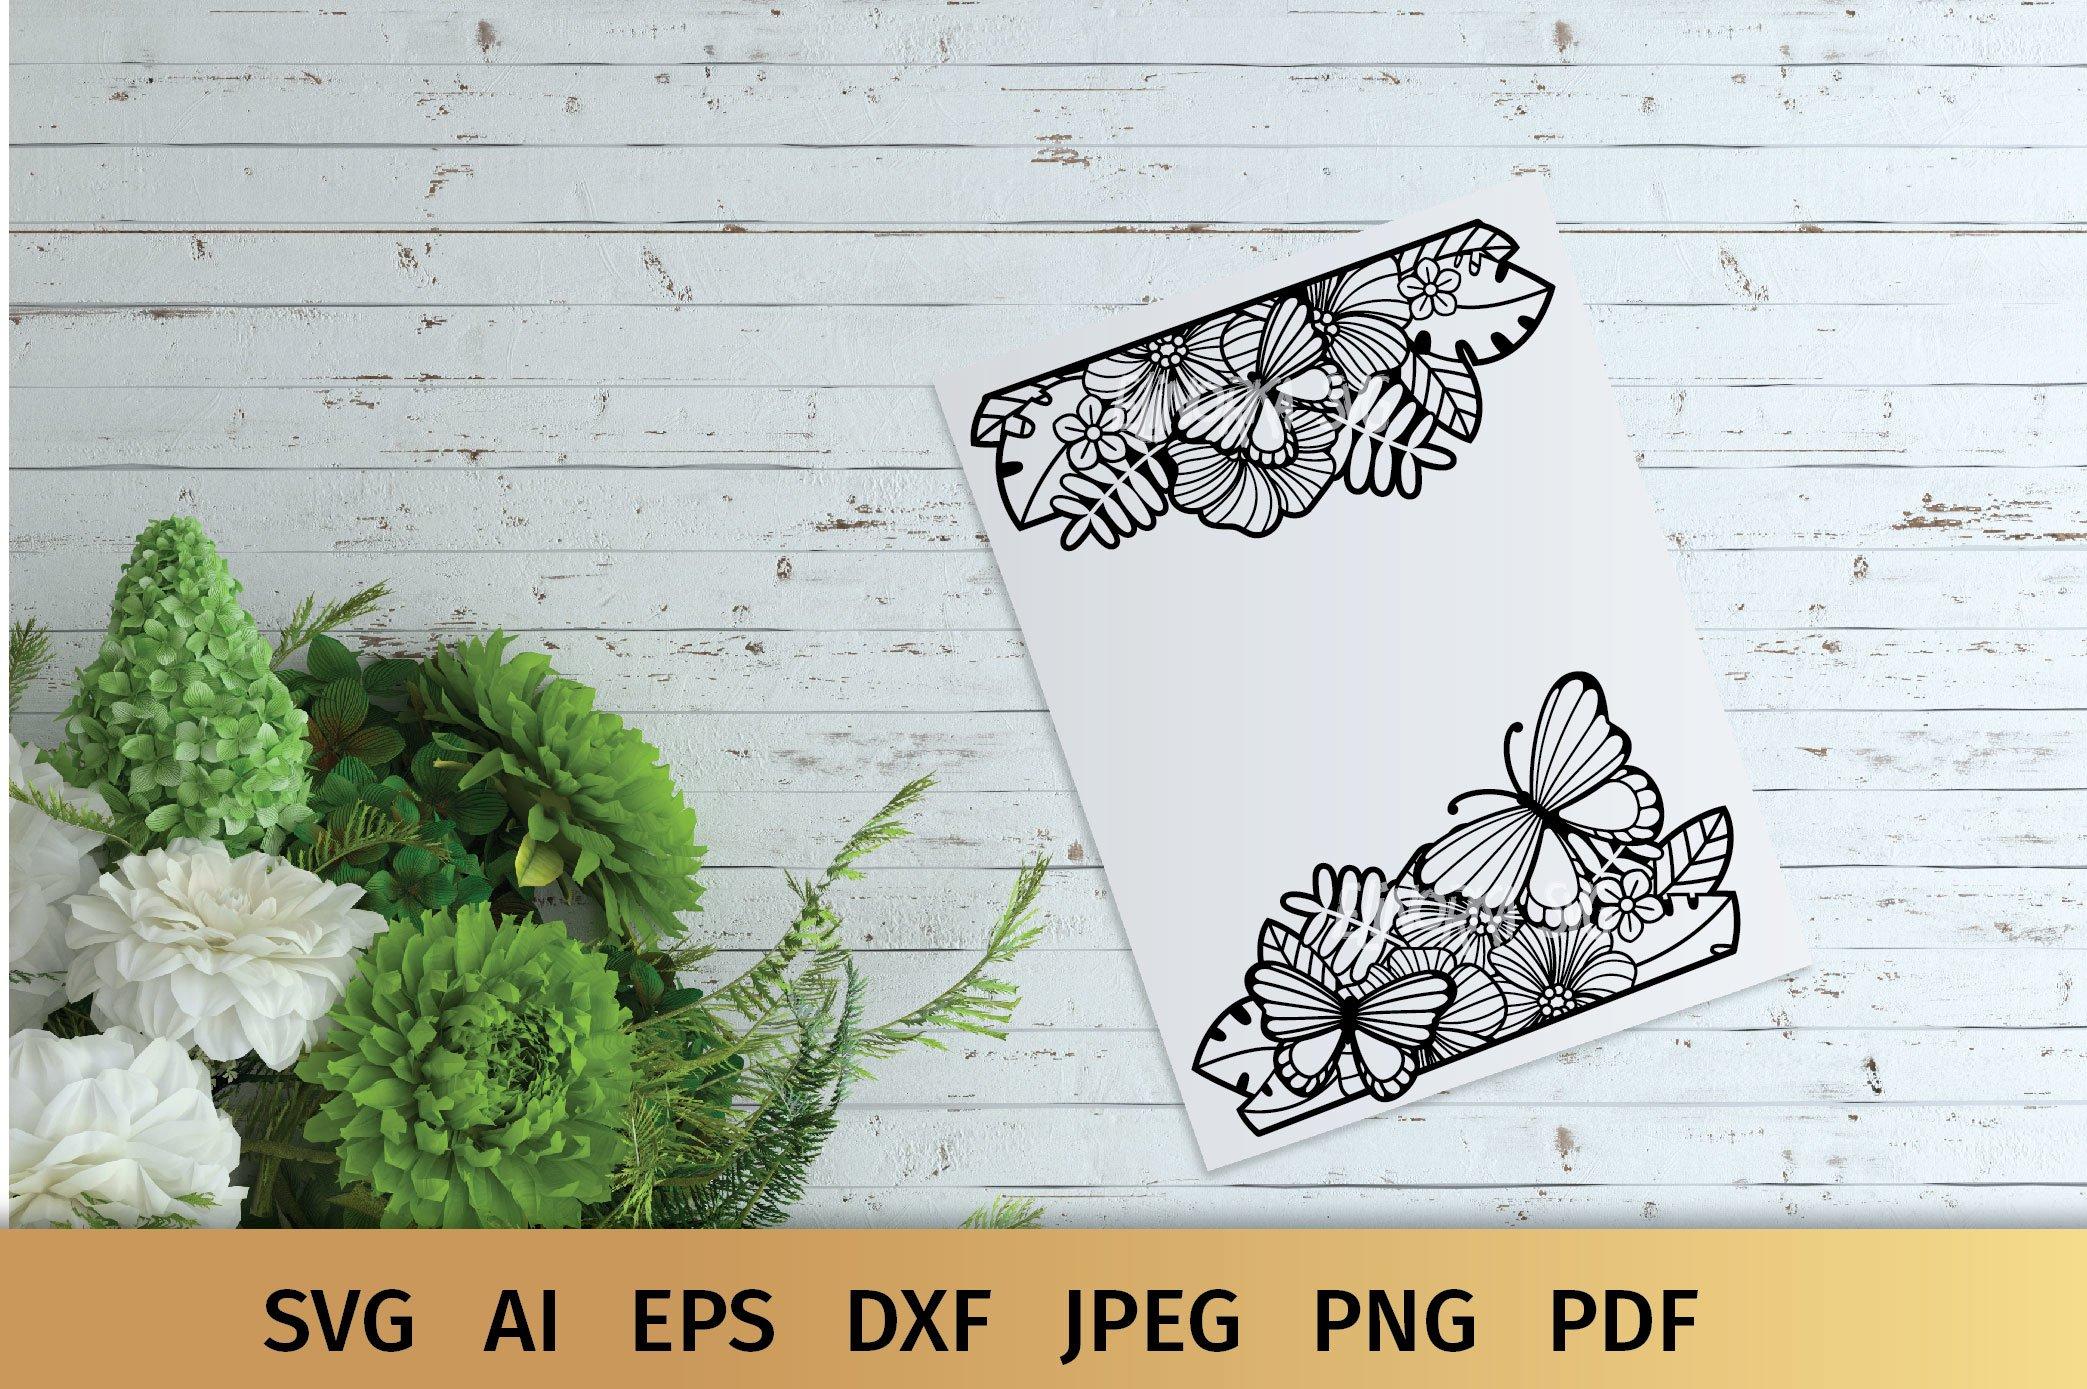 Split Monogram SVG | Floral SVG | Butterfly SVG | Summer SVG example image 5